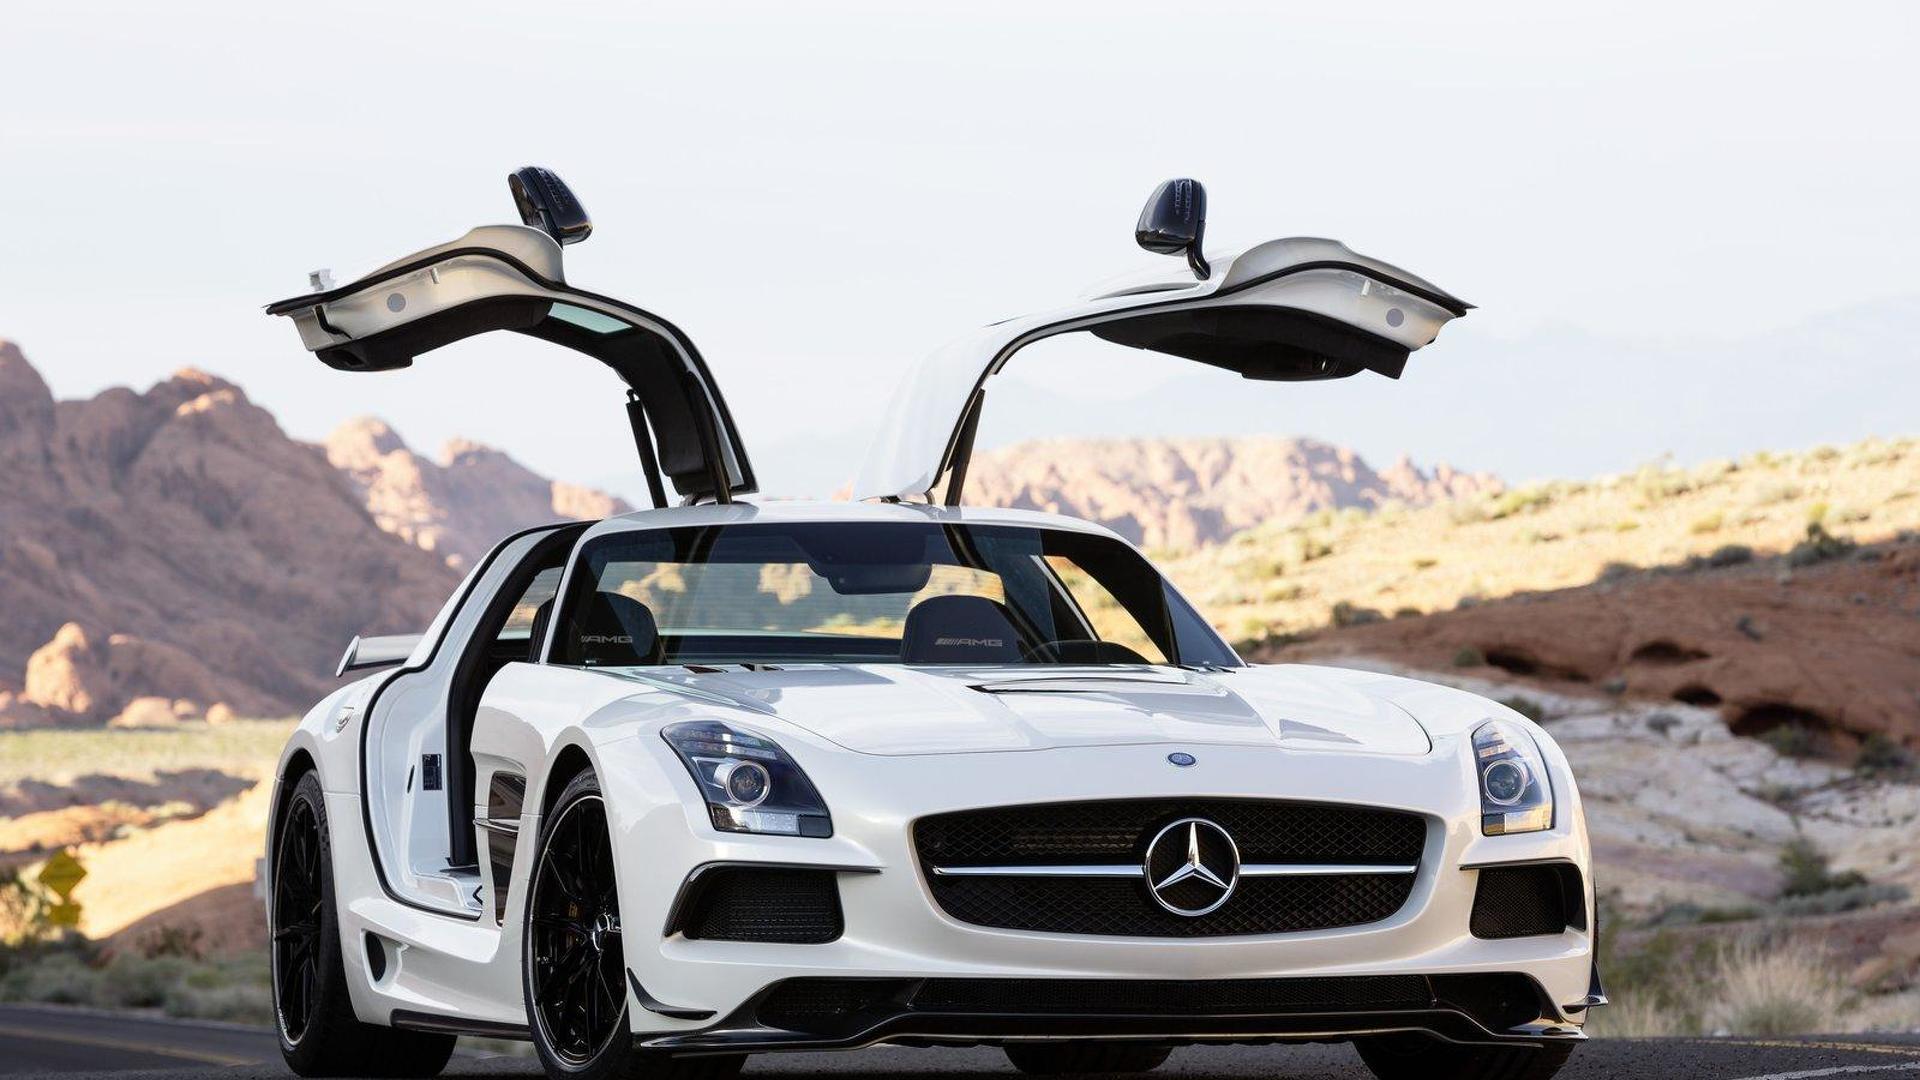 Mercedes SLS AMG Black Series priced